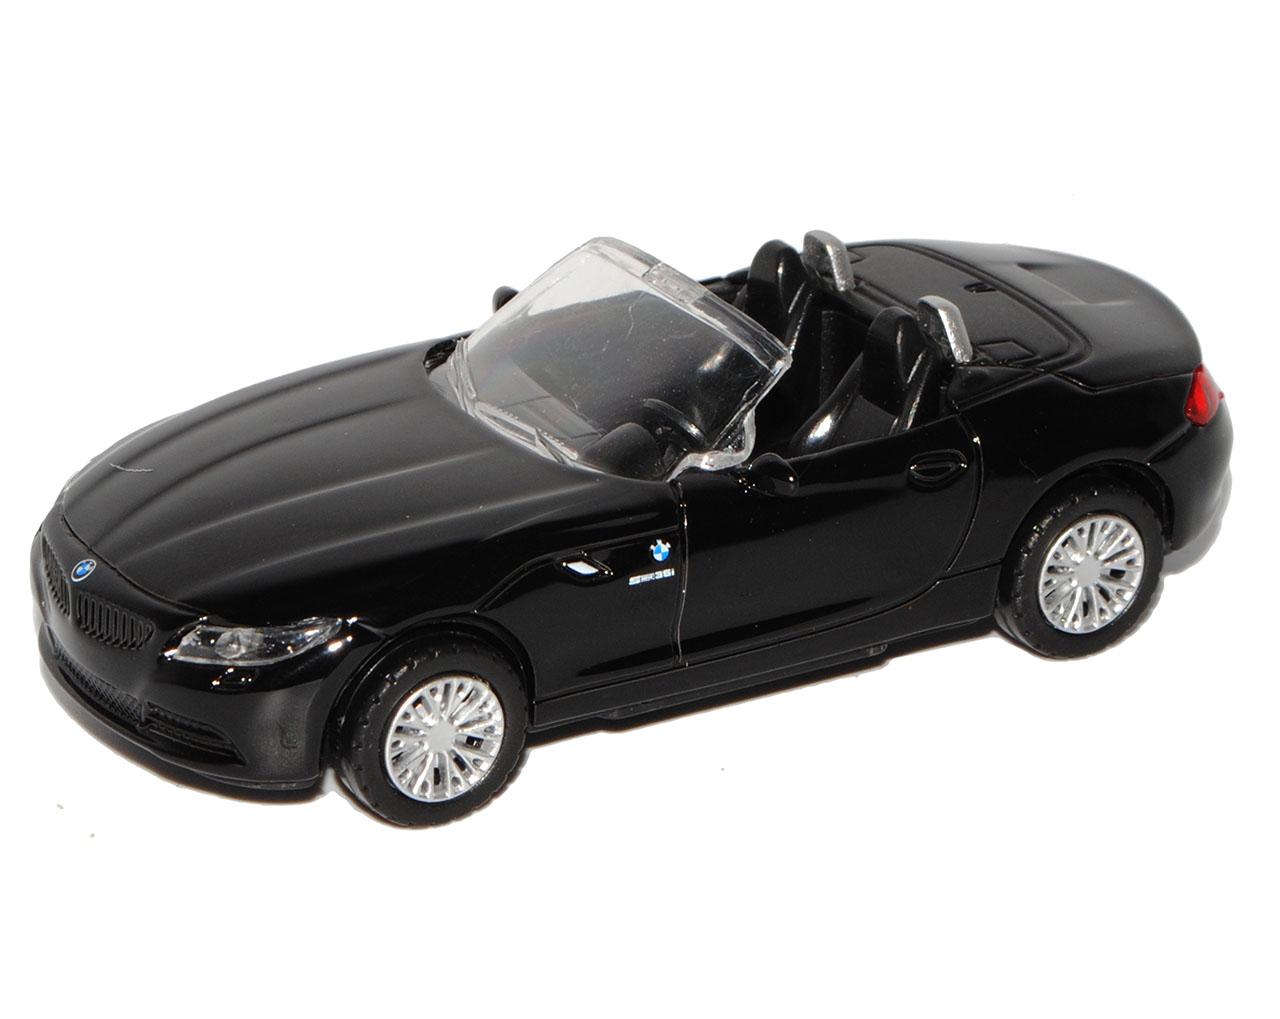 bmw z4 e89 cabrio schwarz 2009 2016 1 43 rastar modell. Black Bedroom Furniture Sets. Home Design Ideas